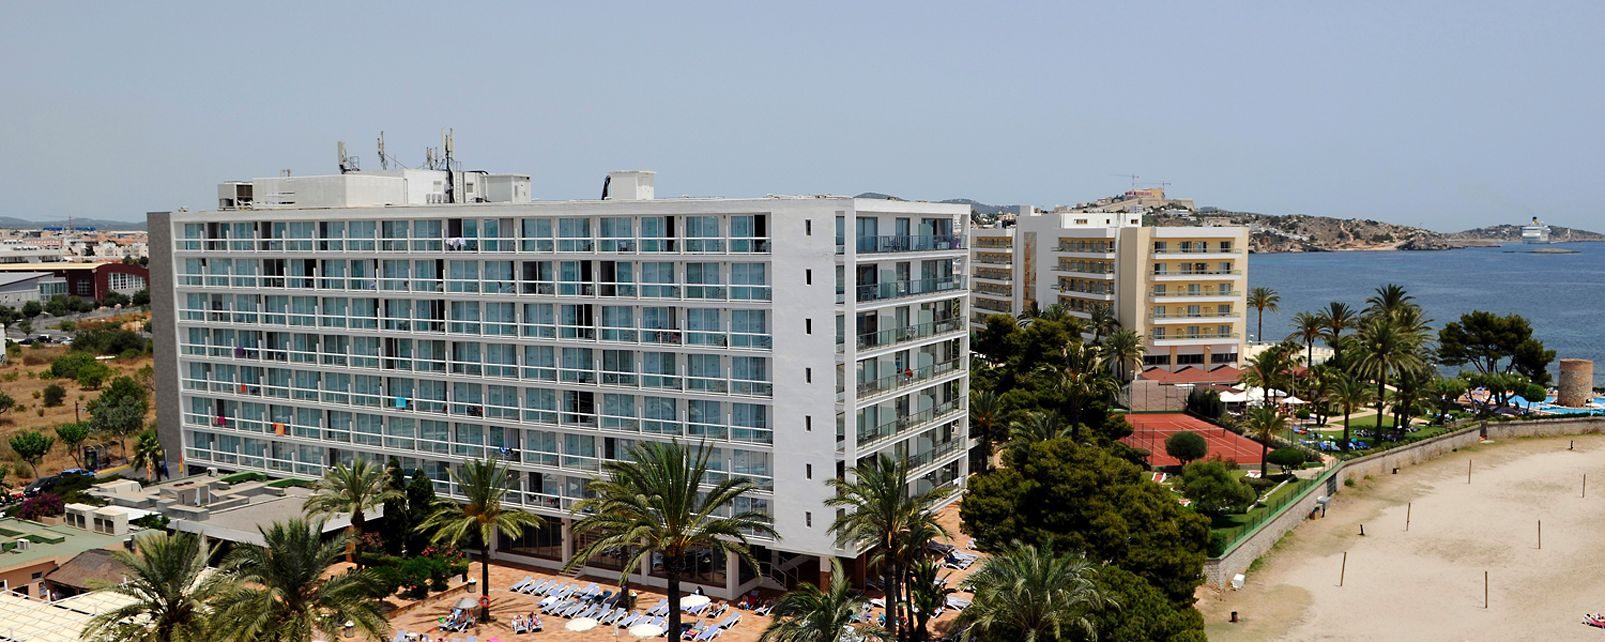 Hotel Sirenis Goleta